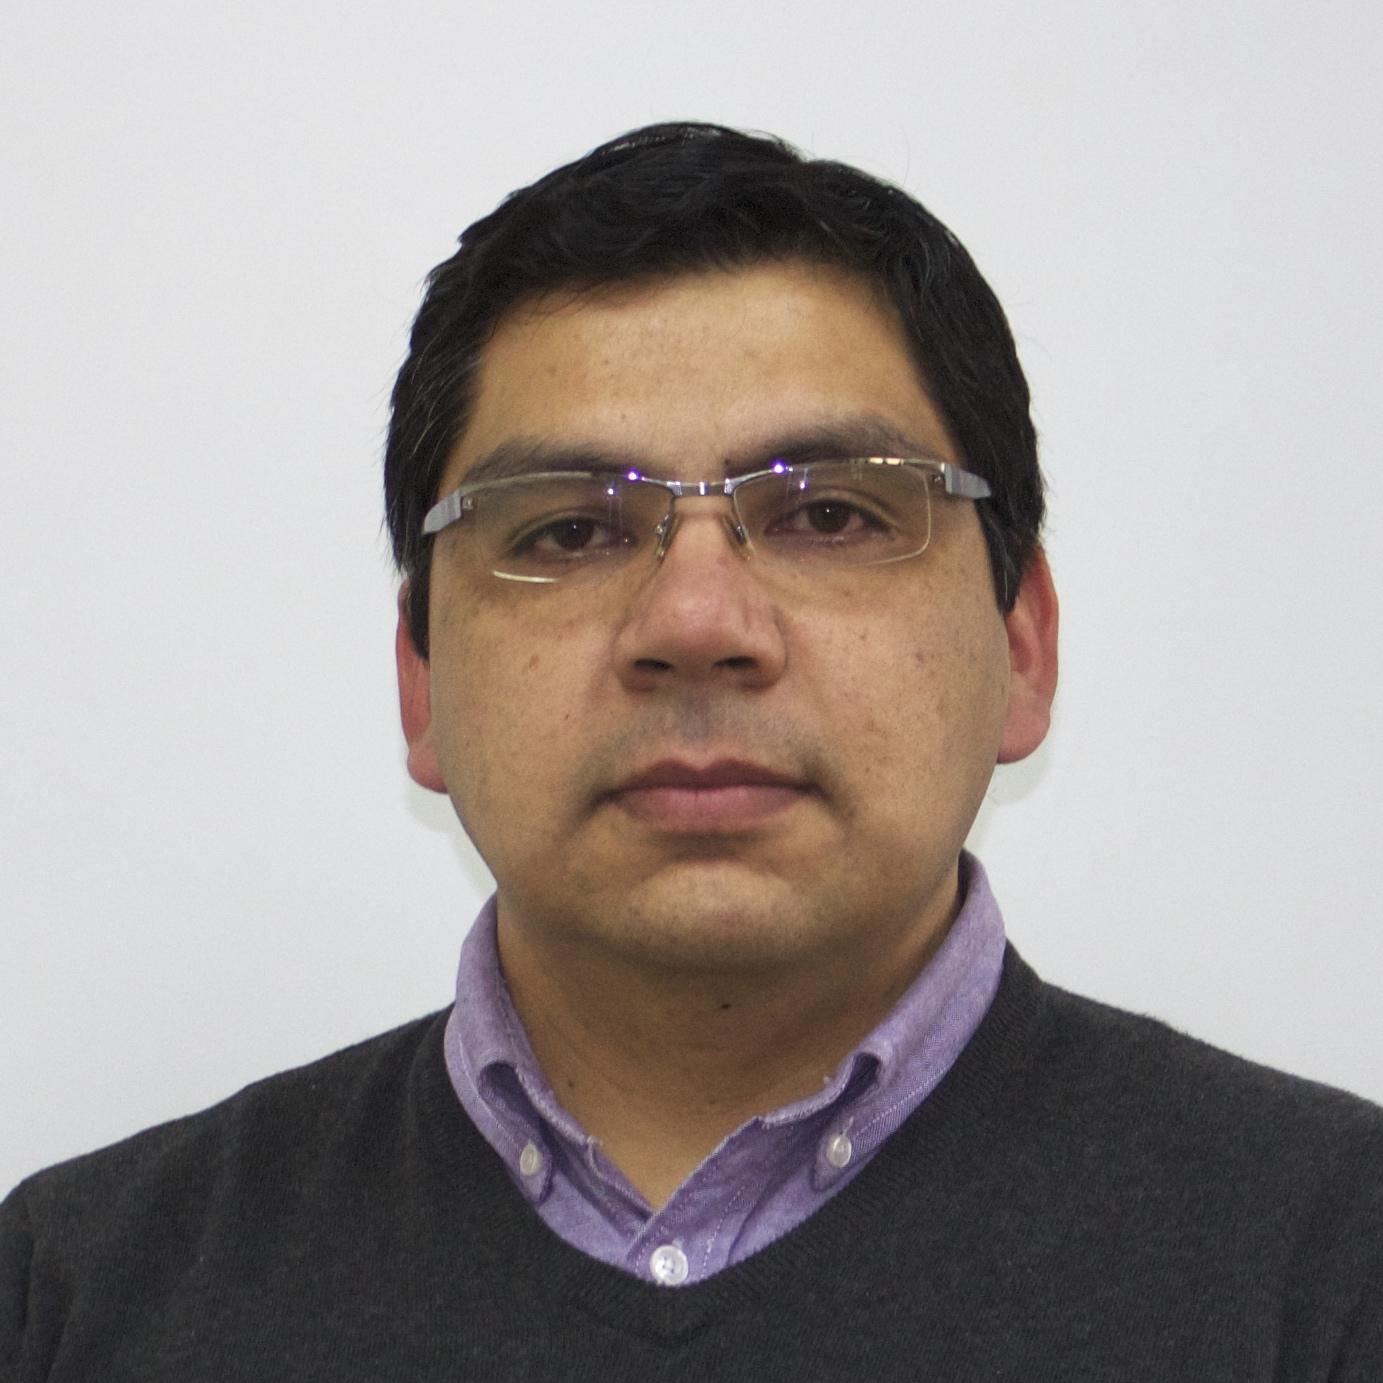 Elias Figueroa Quezada